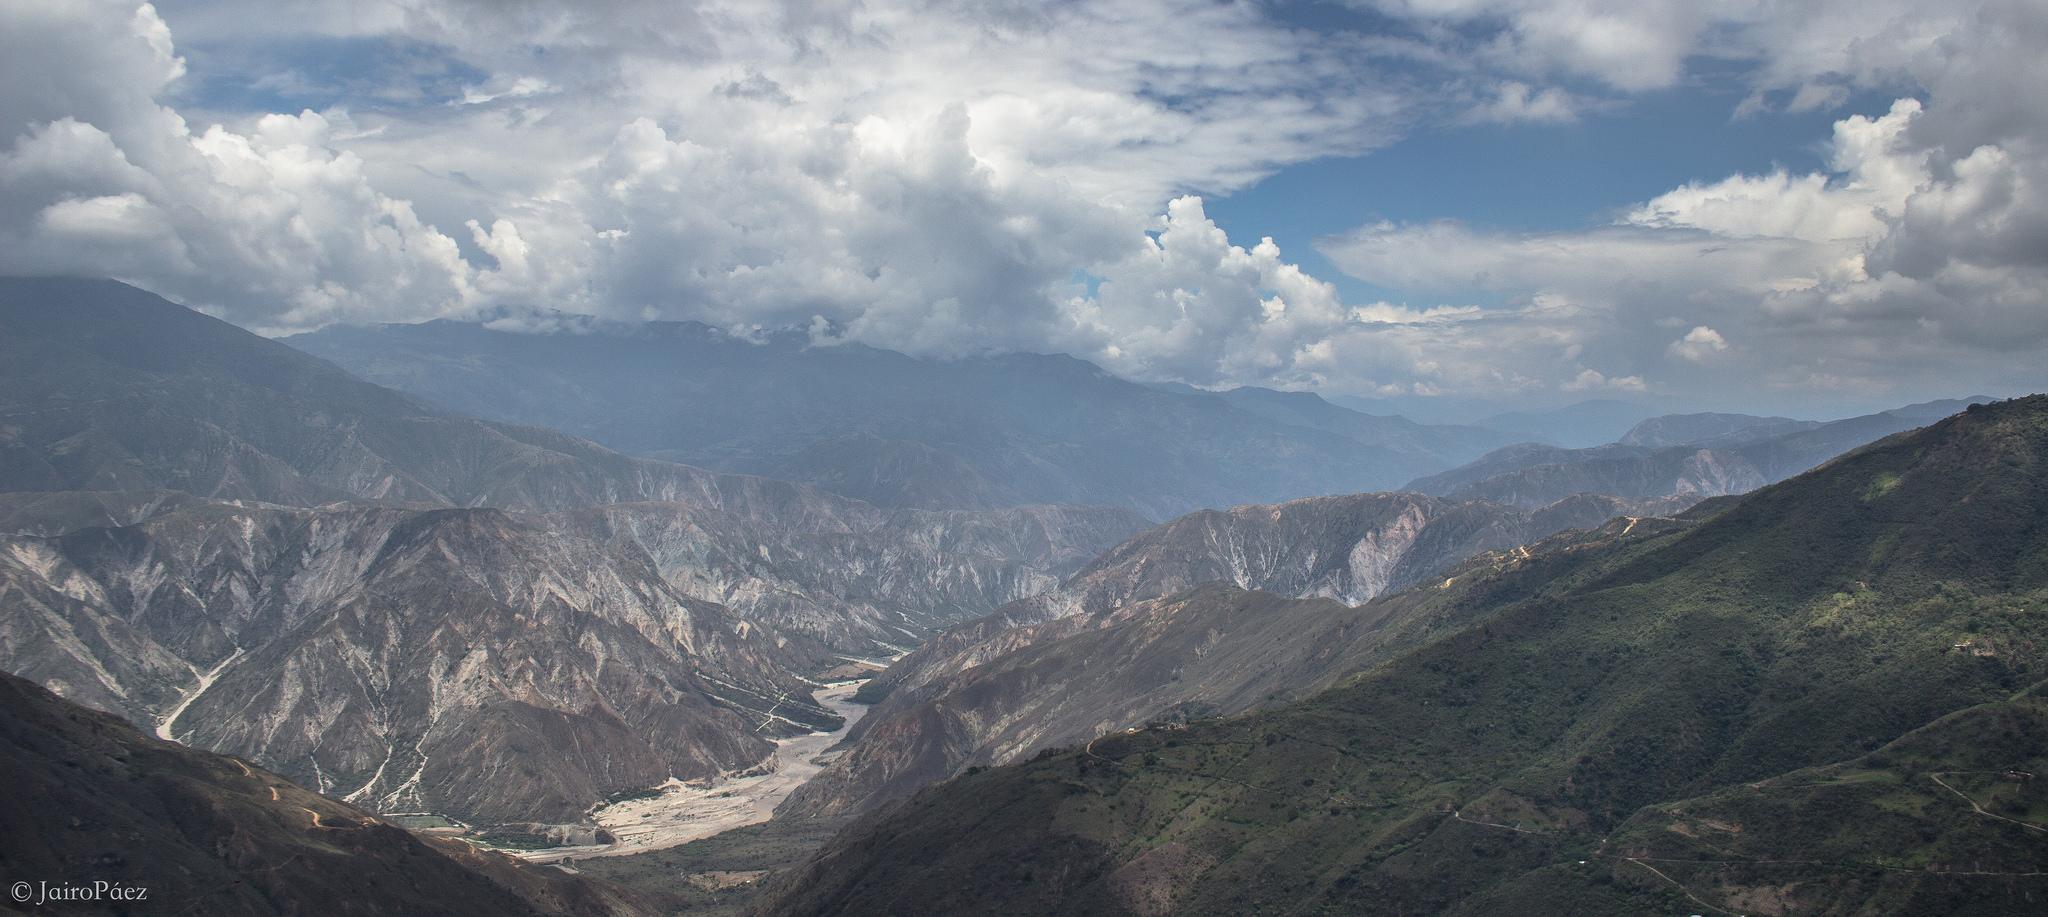 Cañón del Chicamocha, entra en la puja por  convertirse en Patrimonio de la Humanidad